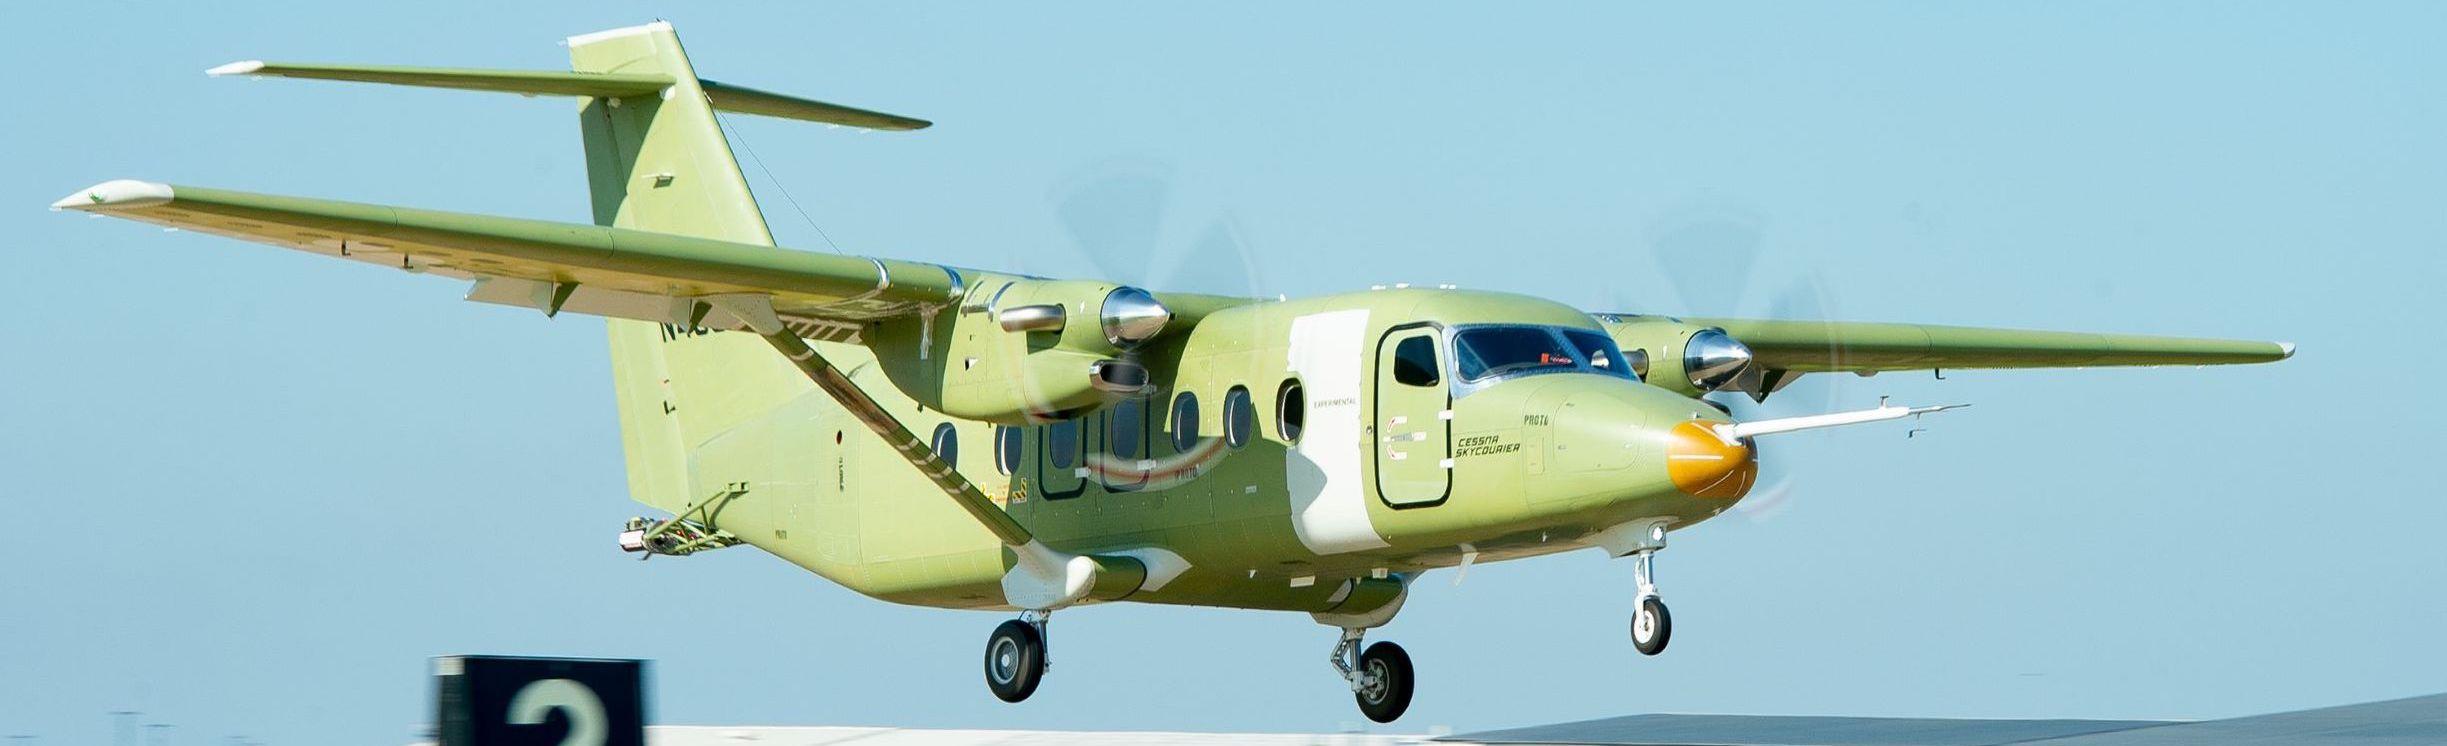 Le Cessna 408 SkyCourier au décollage